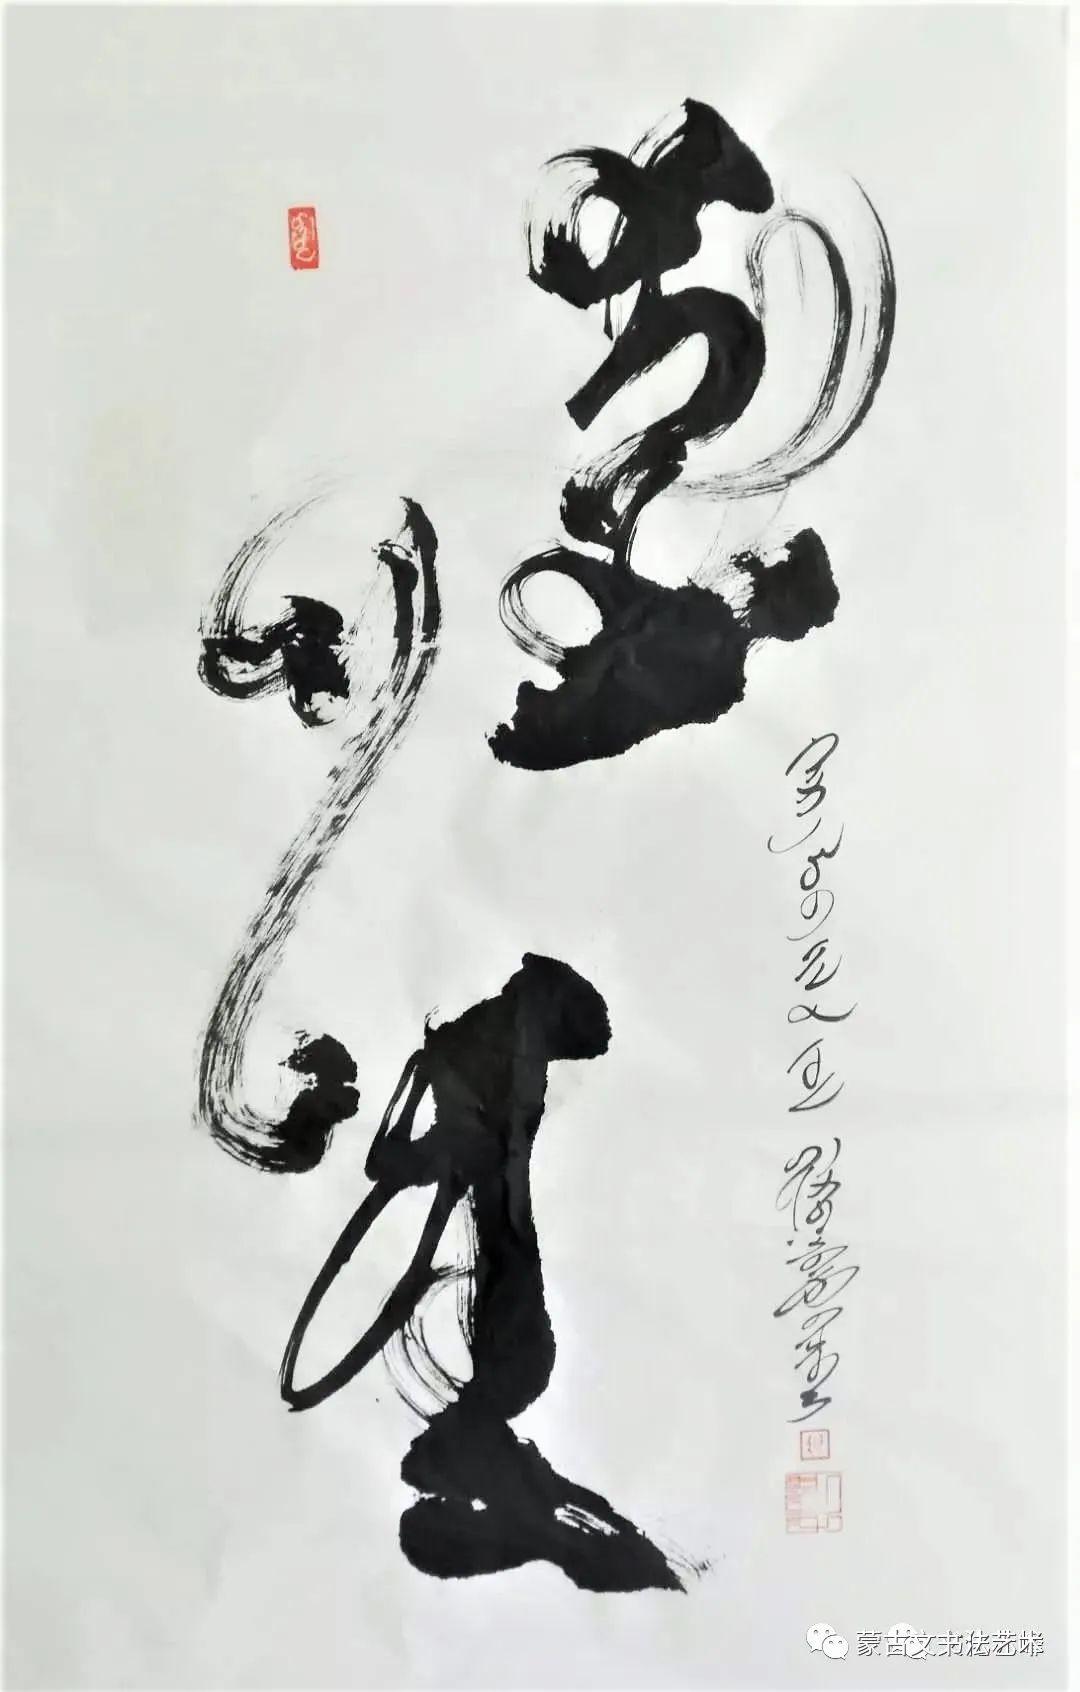 额尔敦巴图蒙古文书法 第5张